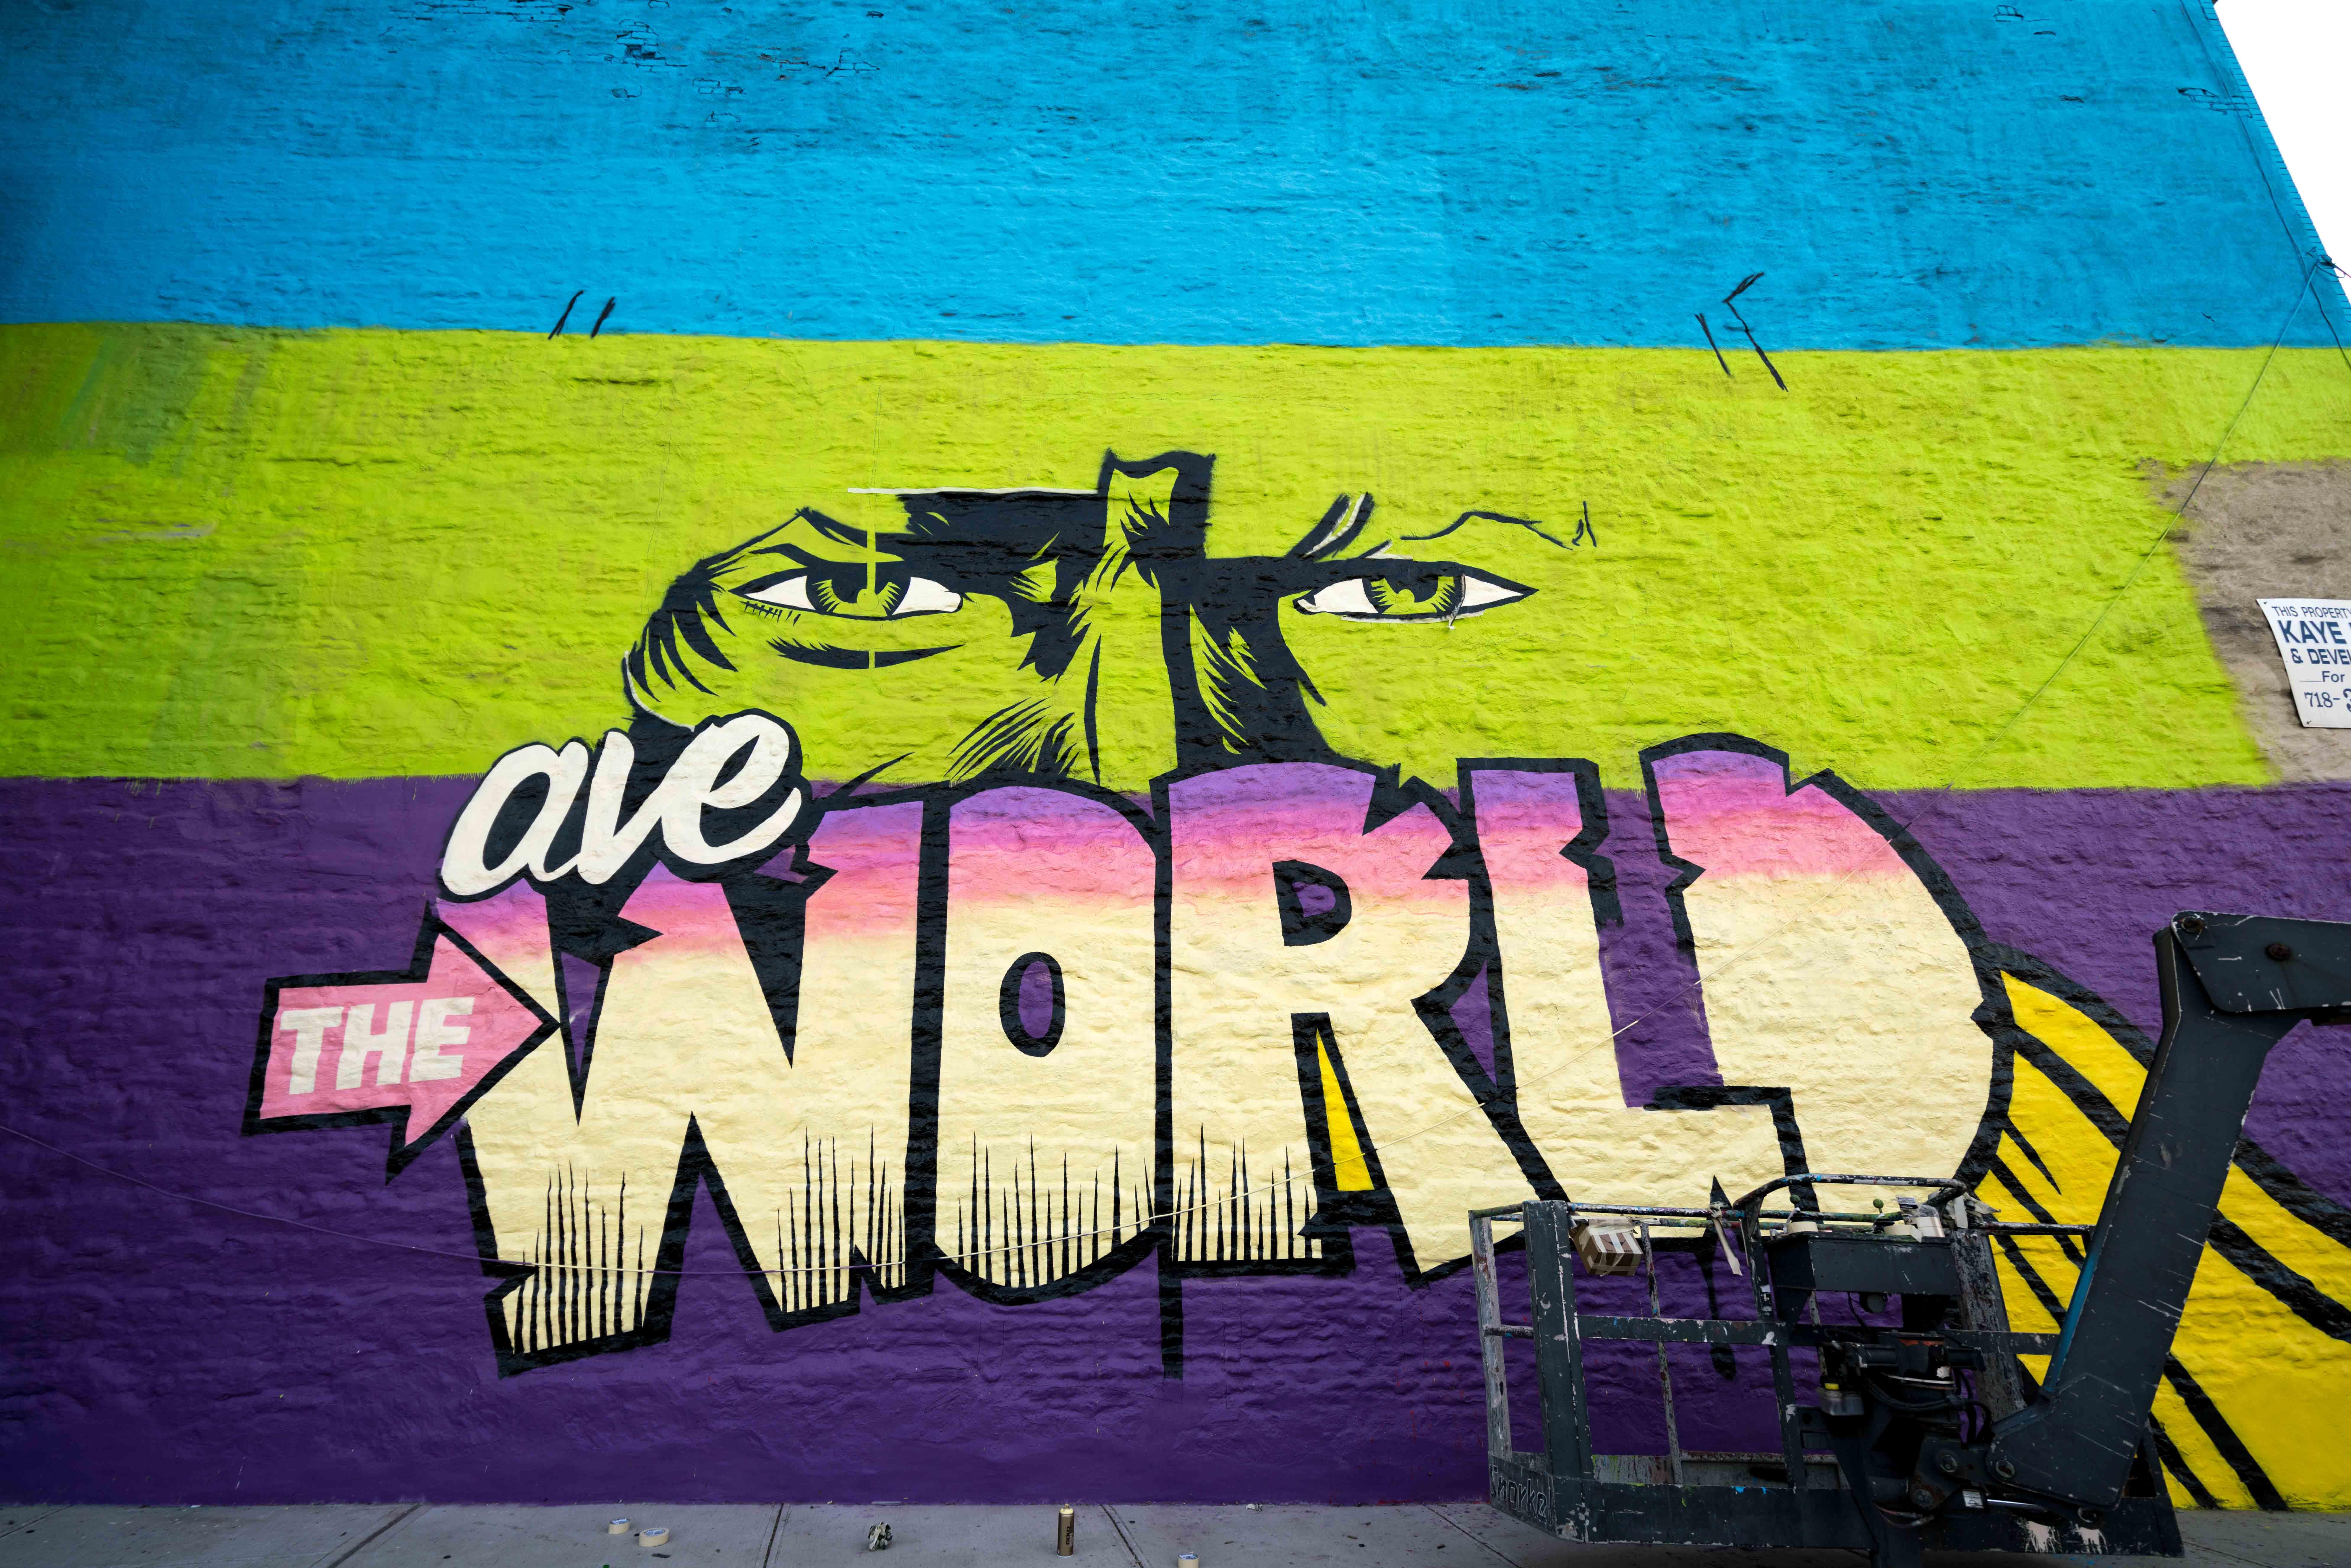 Work in progress by D*Face in Greenpoint, Brooklyn Artes & contextos DfaceKaskersky Brooklyn WIP